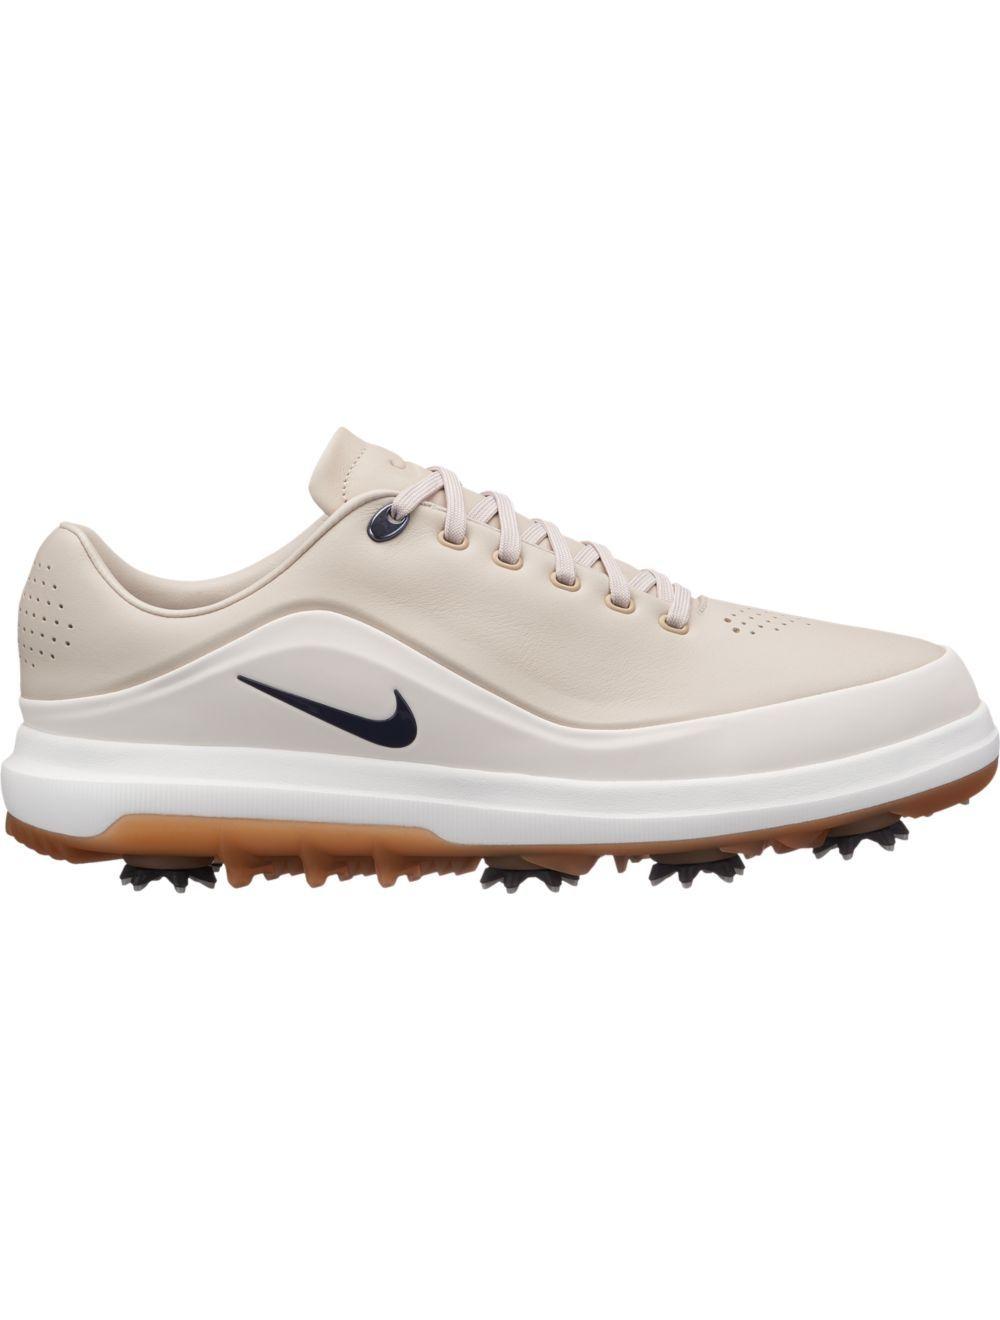 nike precision junior golf shoes